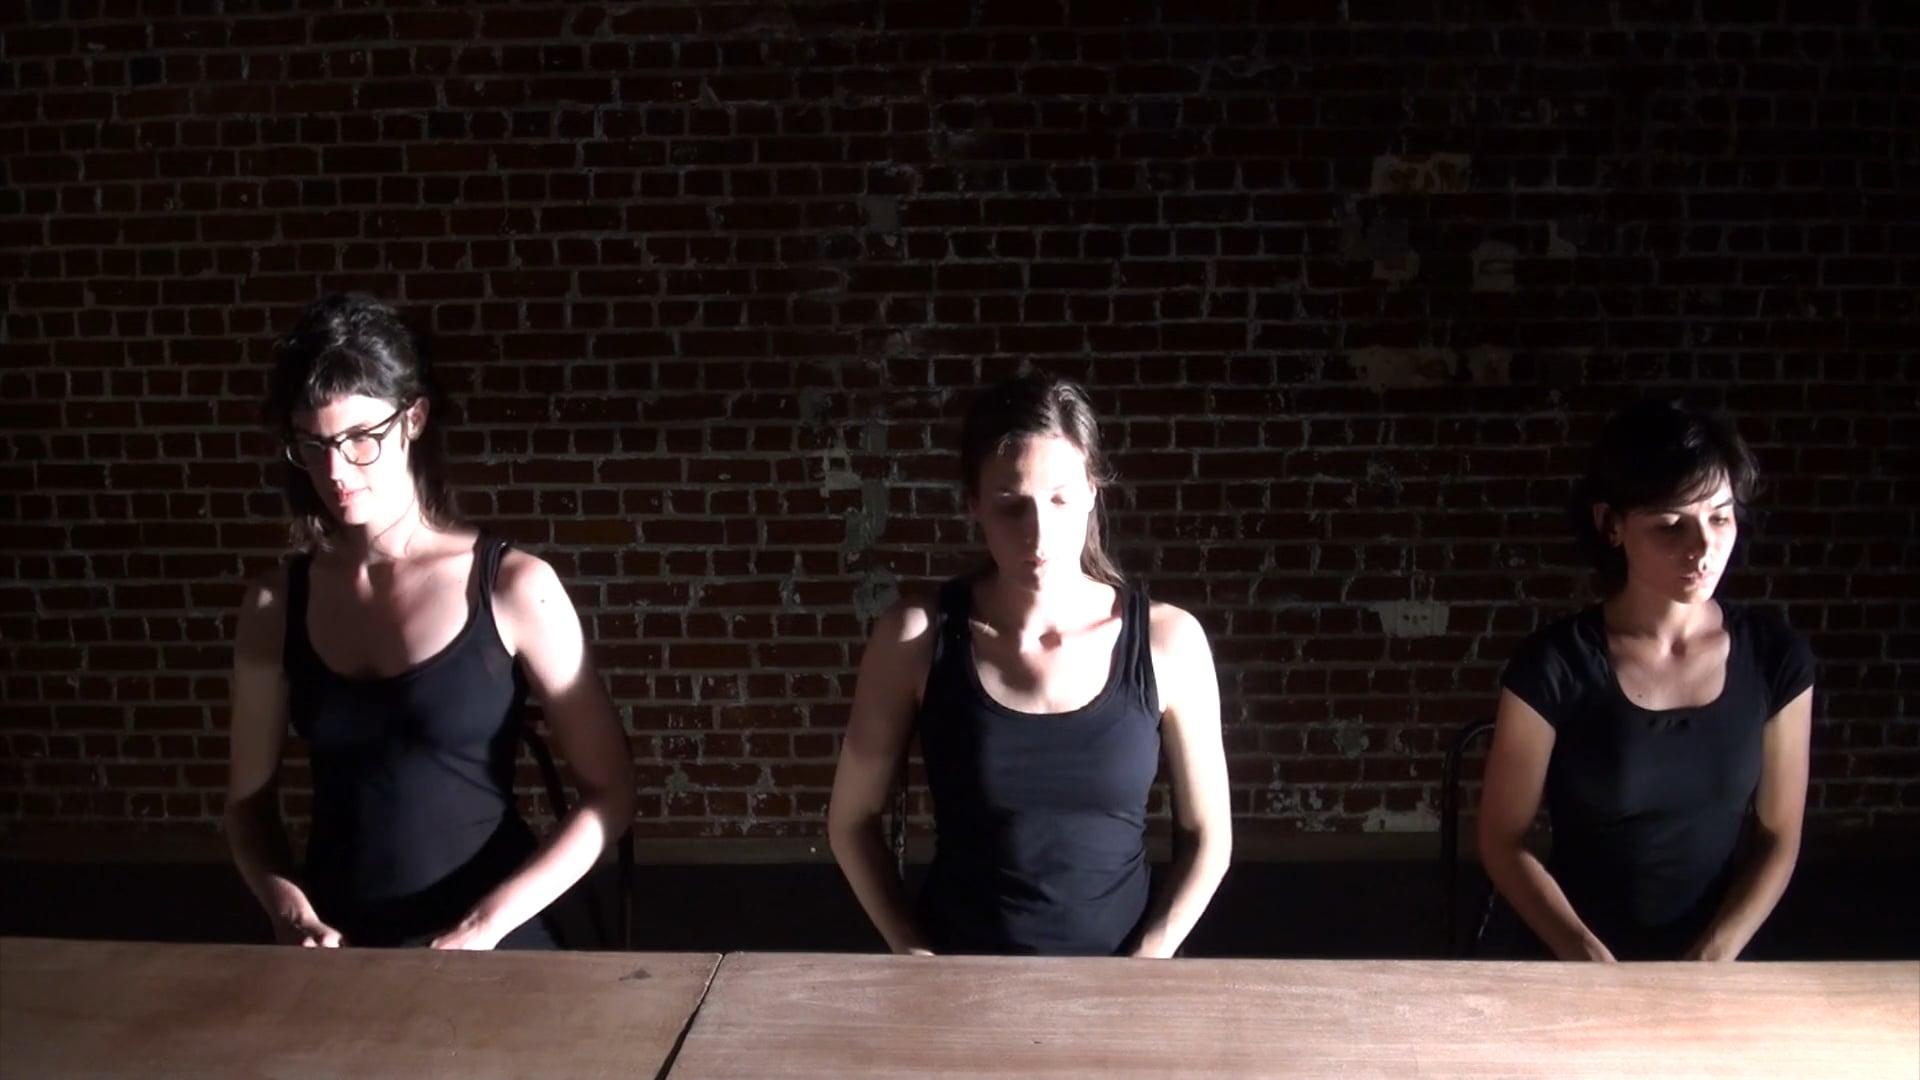 Musique de table by Thierry De Mey